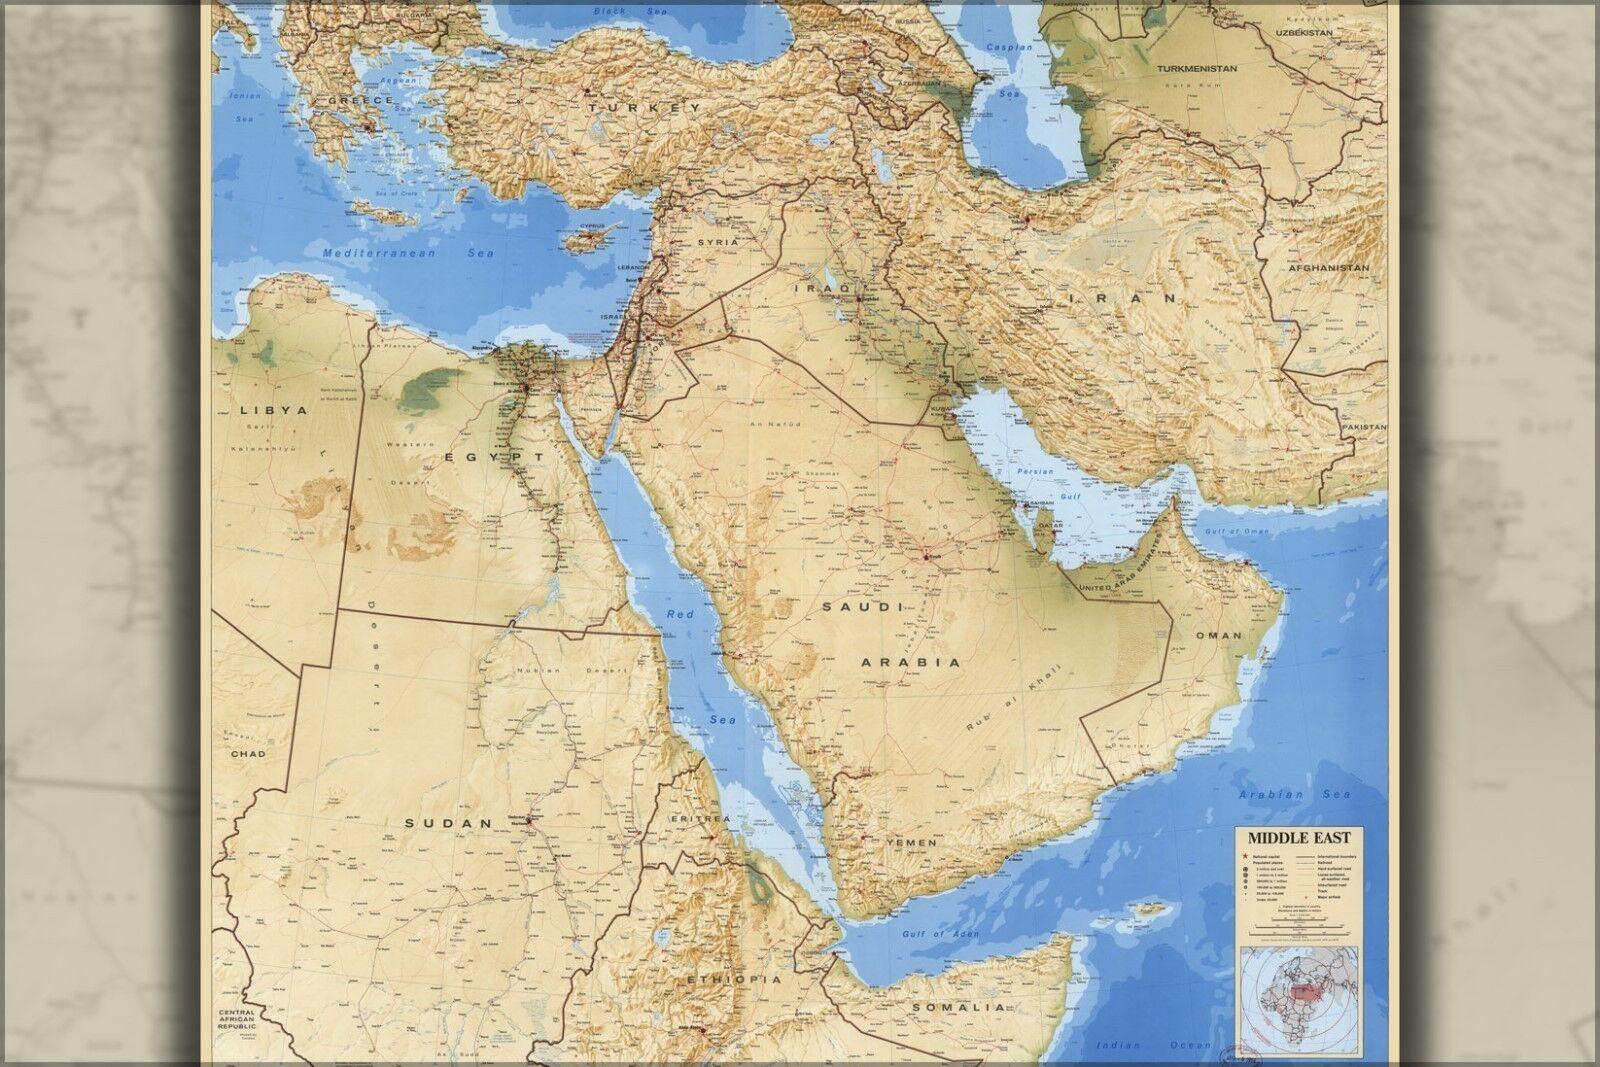 Plakat, Viele Größen; Cia Karte von Middle East Irak Iran Israel 1993